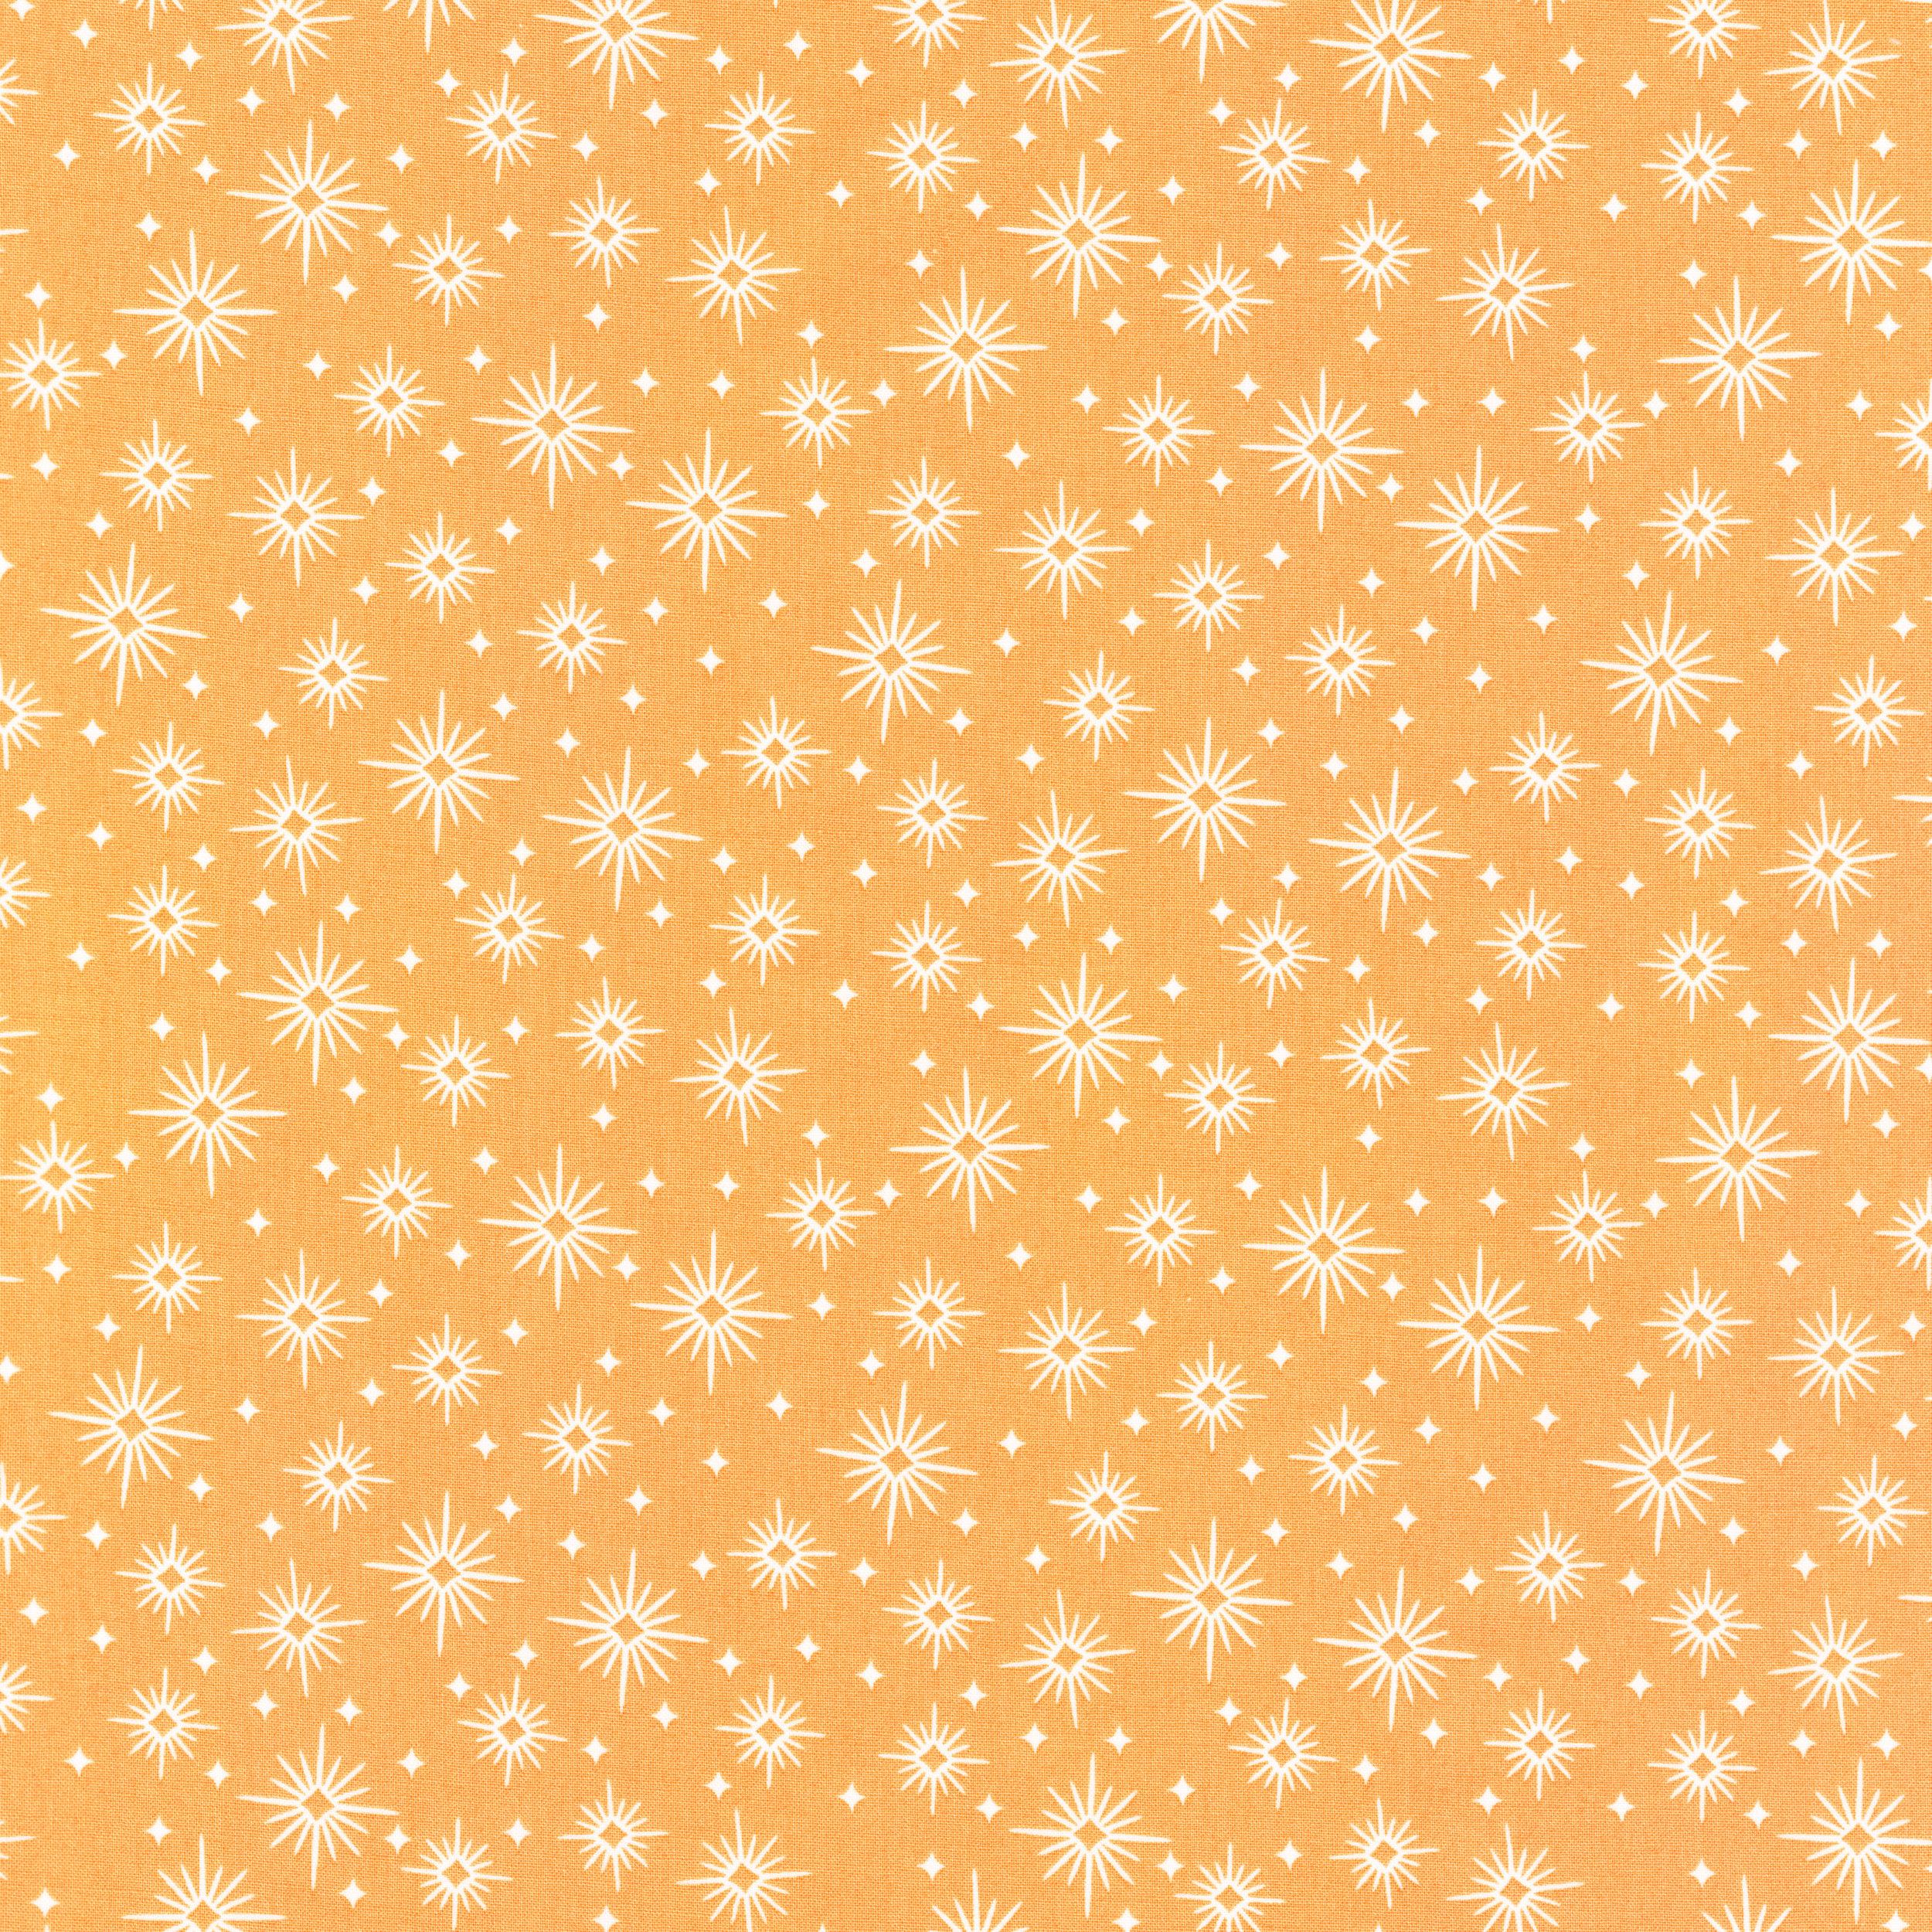 AVL-18156-144 Starlight PEACH